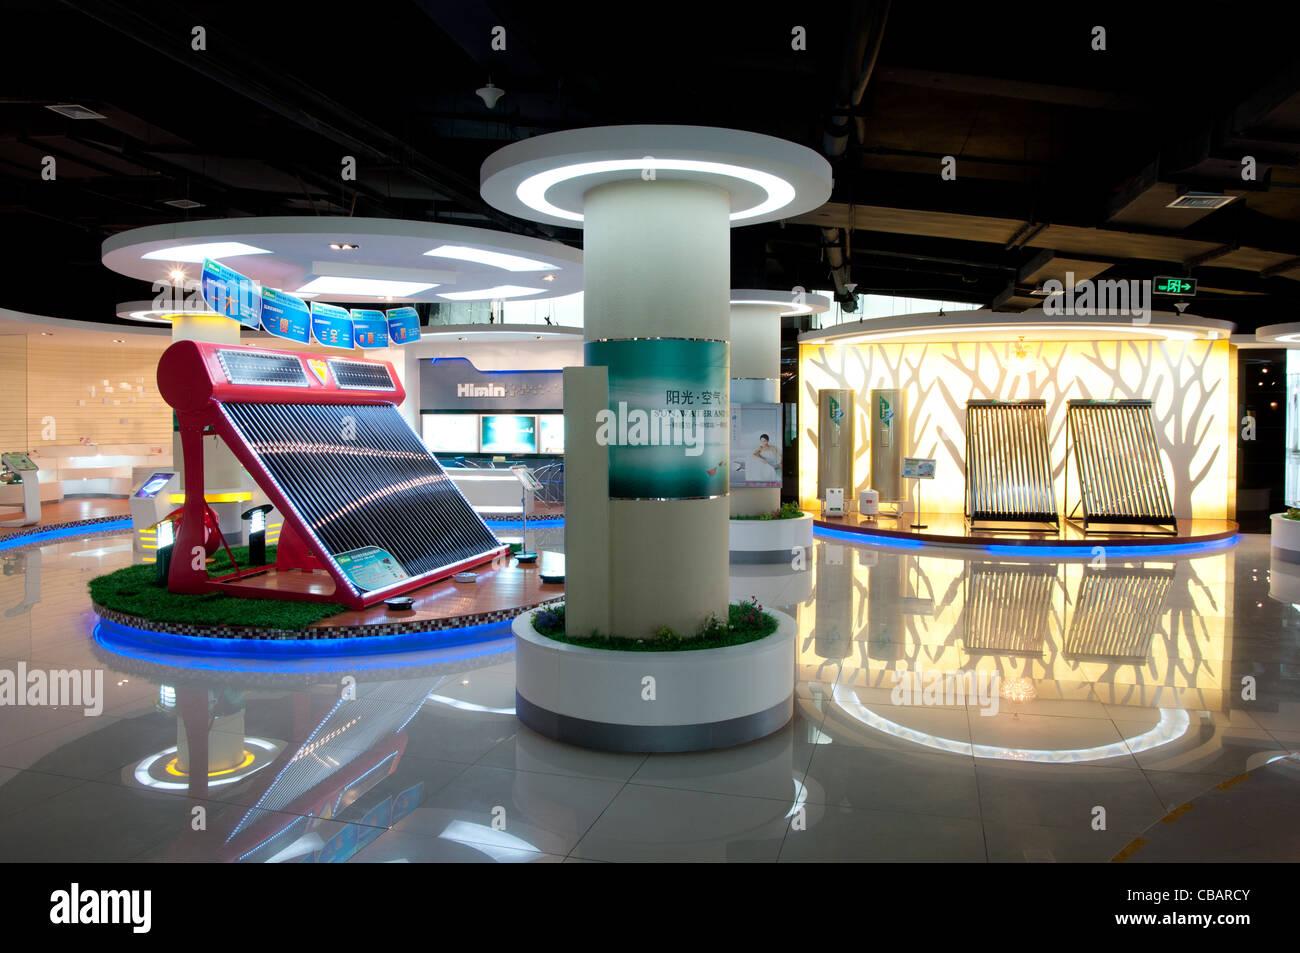 El show room de la Himin Solar Corporation, una fábrica china líder en la producción de calentadores Imagen De Stock